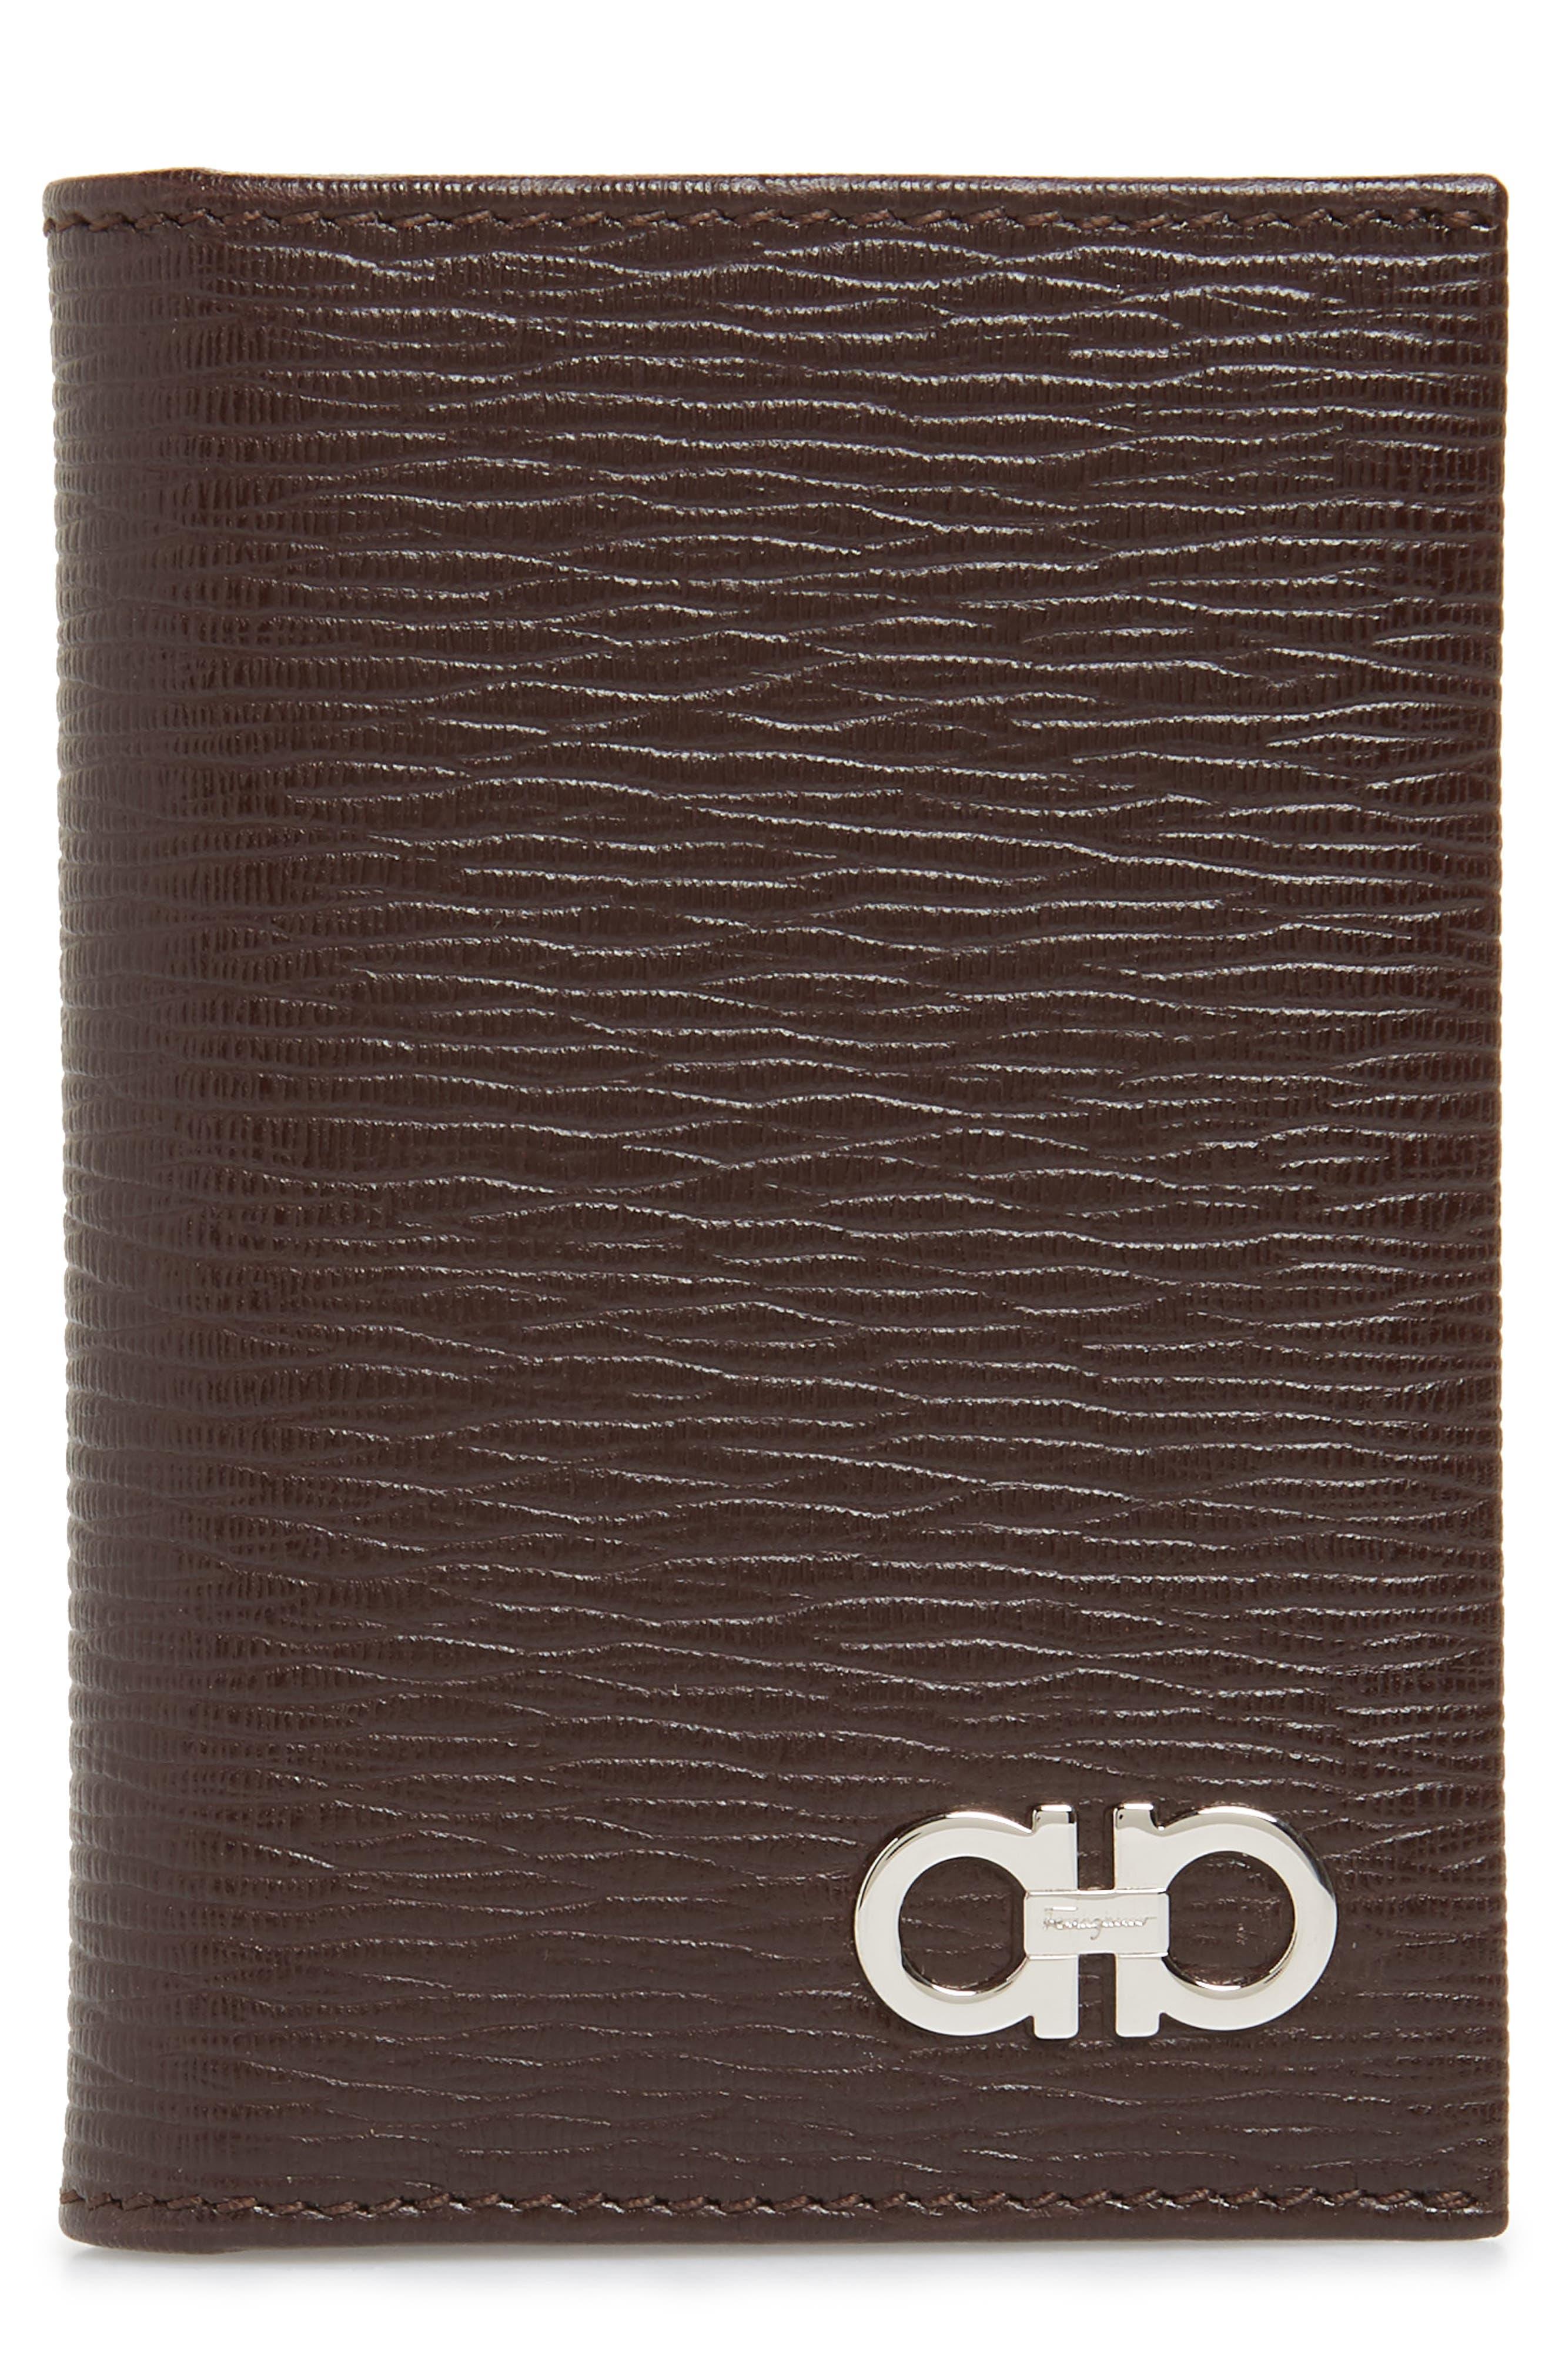 SALVATORE FERRAGAMO Revival Leather Card Case, Main, color, TOBACCO